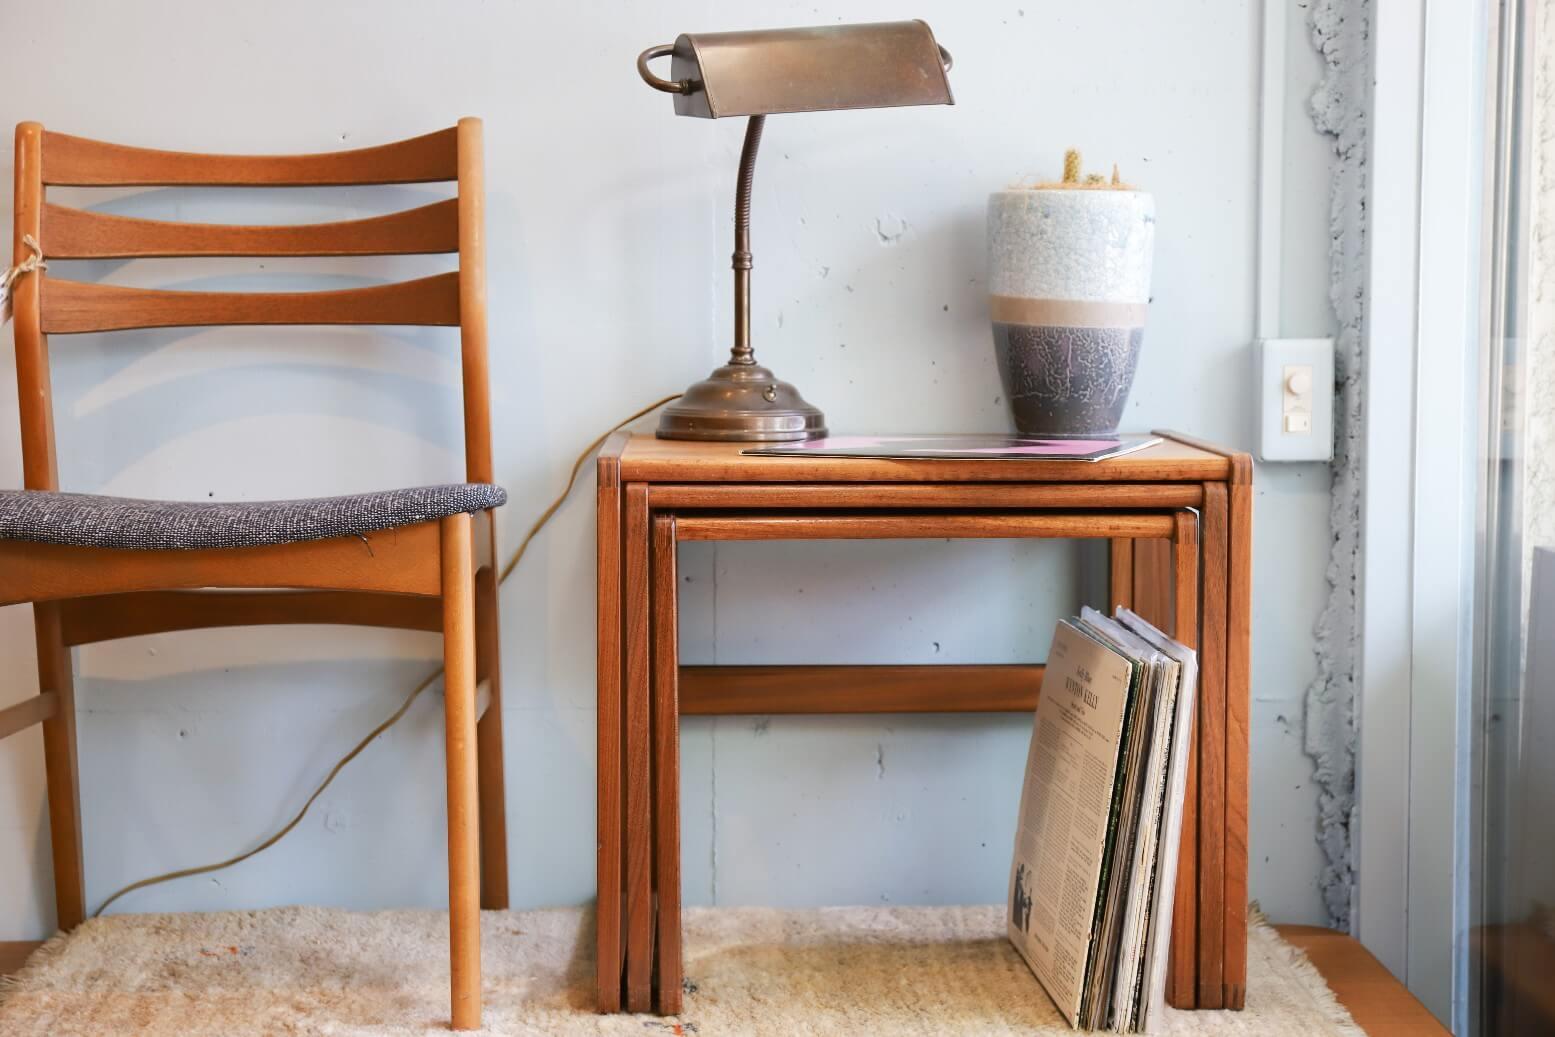 """1953年、イギリスの家具メーカーE.Gomme社が発表した、 北欧スタイルの家具ブランド『G-PLAN/ジープラン』。 E.Gomme社の創業者の孫であるドナルド・ゴムの『シンプルでモダンな家具を 作りたい』という発案から生まれました。 こちらは1960年代後半に作られた、ネストテーブル。 チーク材を使ったシンプルな北欧デザインにミッドセンチュリーの雰囲気を掛け合わせたような デザインが多くみられるG-PLANですが、このネストテーブルはG-PLANではちょっと珍しいくらい シンプルなデザインです。 一切の無駄を省いた、とことんシンプルなフォルムなので、 3つのテーブルをまとめると、スッキリ、きれいに、ピタッと、真四角に収まります。 大中小のサイズの差が少ないネストテーブルランキングがあるとすれば、 かなり上位を狙えるのでは?というくらい、シンプルなデザインだからこそ生まれるサイズ感です。 これまでこのネストテーブルのシンプルさを売りにお話してきましたが、 他にも見逃せないポイントがあります。 まずは、チーク材の杢目を合わせた寄木細工のような天板。 一枚の板でできた天板もいいけれど、たまにはこんな""""デザインされた天板""""も 味があっていいです。 そして最大のポイントは『組み木』になっている脚の接合部分。 8つの角にちょっとした組み木のアクセントを、なんて、 一見シンプルのようで、細かなところでさりげなくこだわりを見せる。 実に憎い演出です。 ただシンプルなだけでは物足りない、という方にオススメしたいネストテーブル。 お探しの方、ぜひいかがでしょうか♪ ~【東京都杉並区阿佐ヶ谷北アンティークショップ 古一】 古一/ふるいちでは出張無料買取も行っております。杉並区周辺はもちろん、世田谷区・目黒区・武蔵野市・新宿区等の東京近郊のお見積もりも!ビンテージ家具・インテリア雑貨・ランプ・USED品・ リサイクルなら古一/フルイチへ~"""